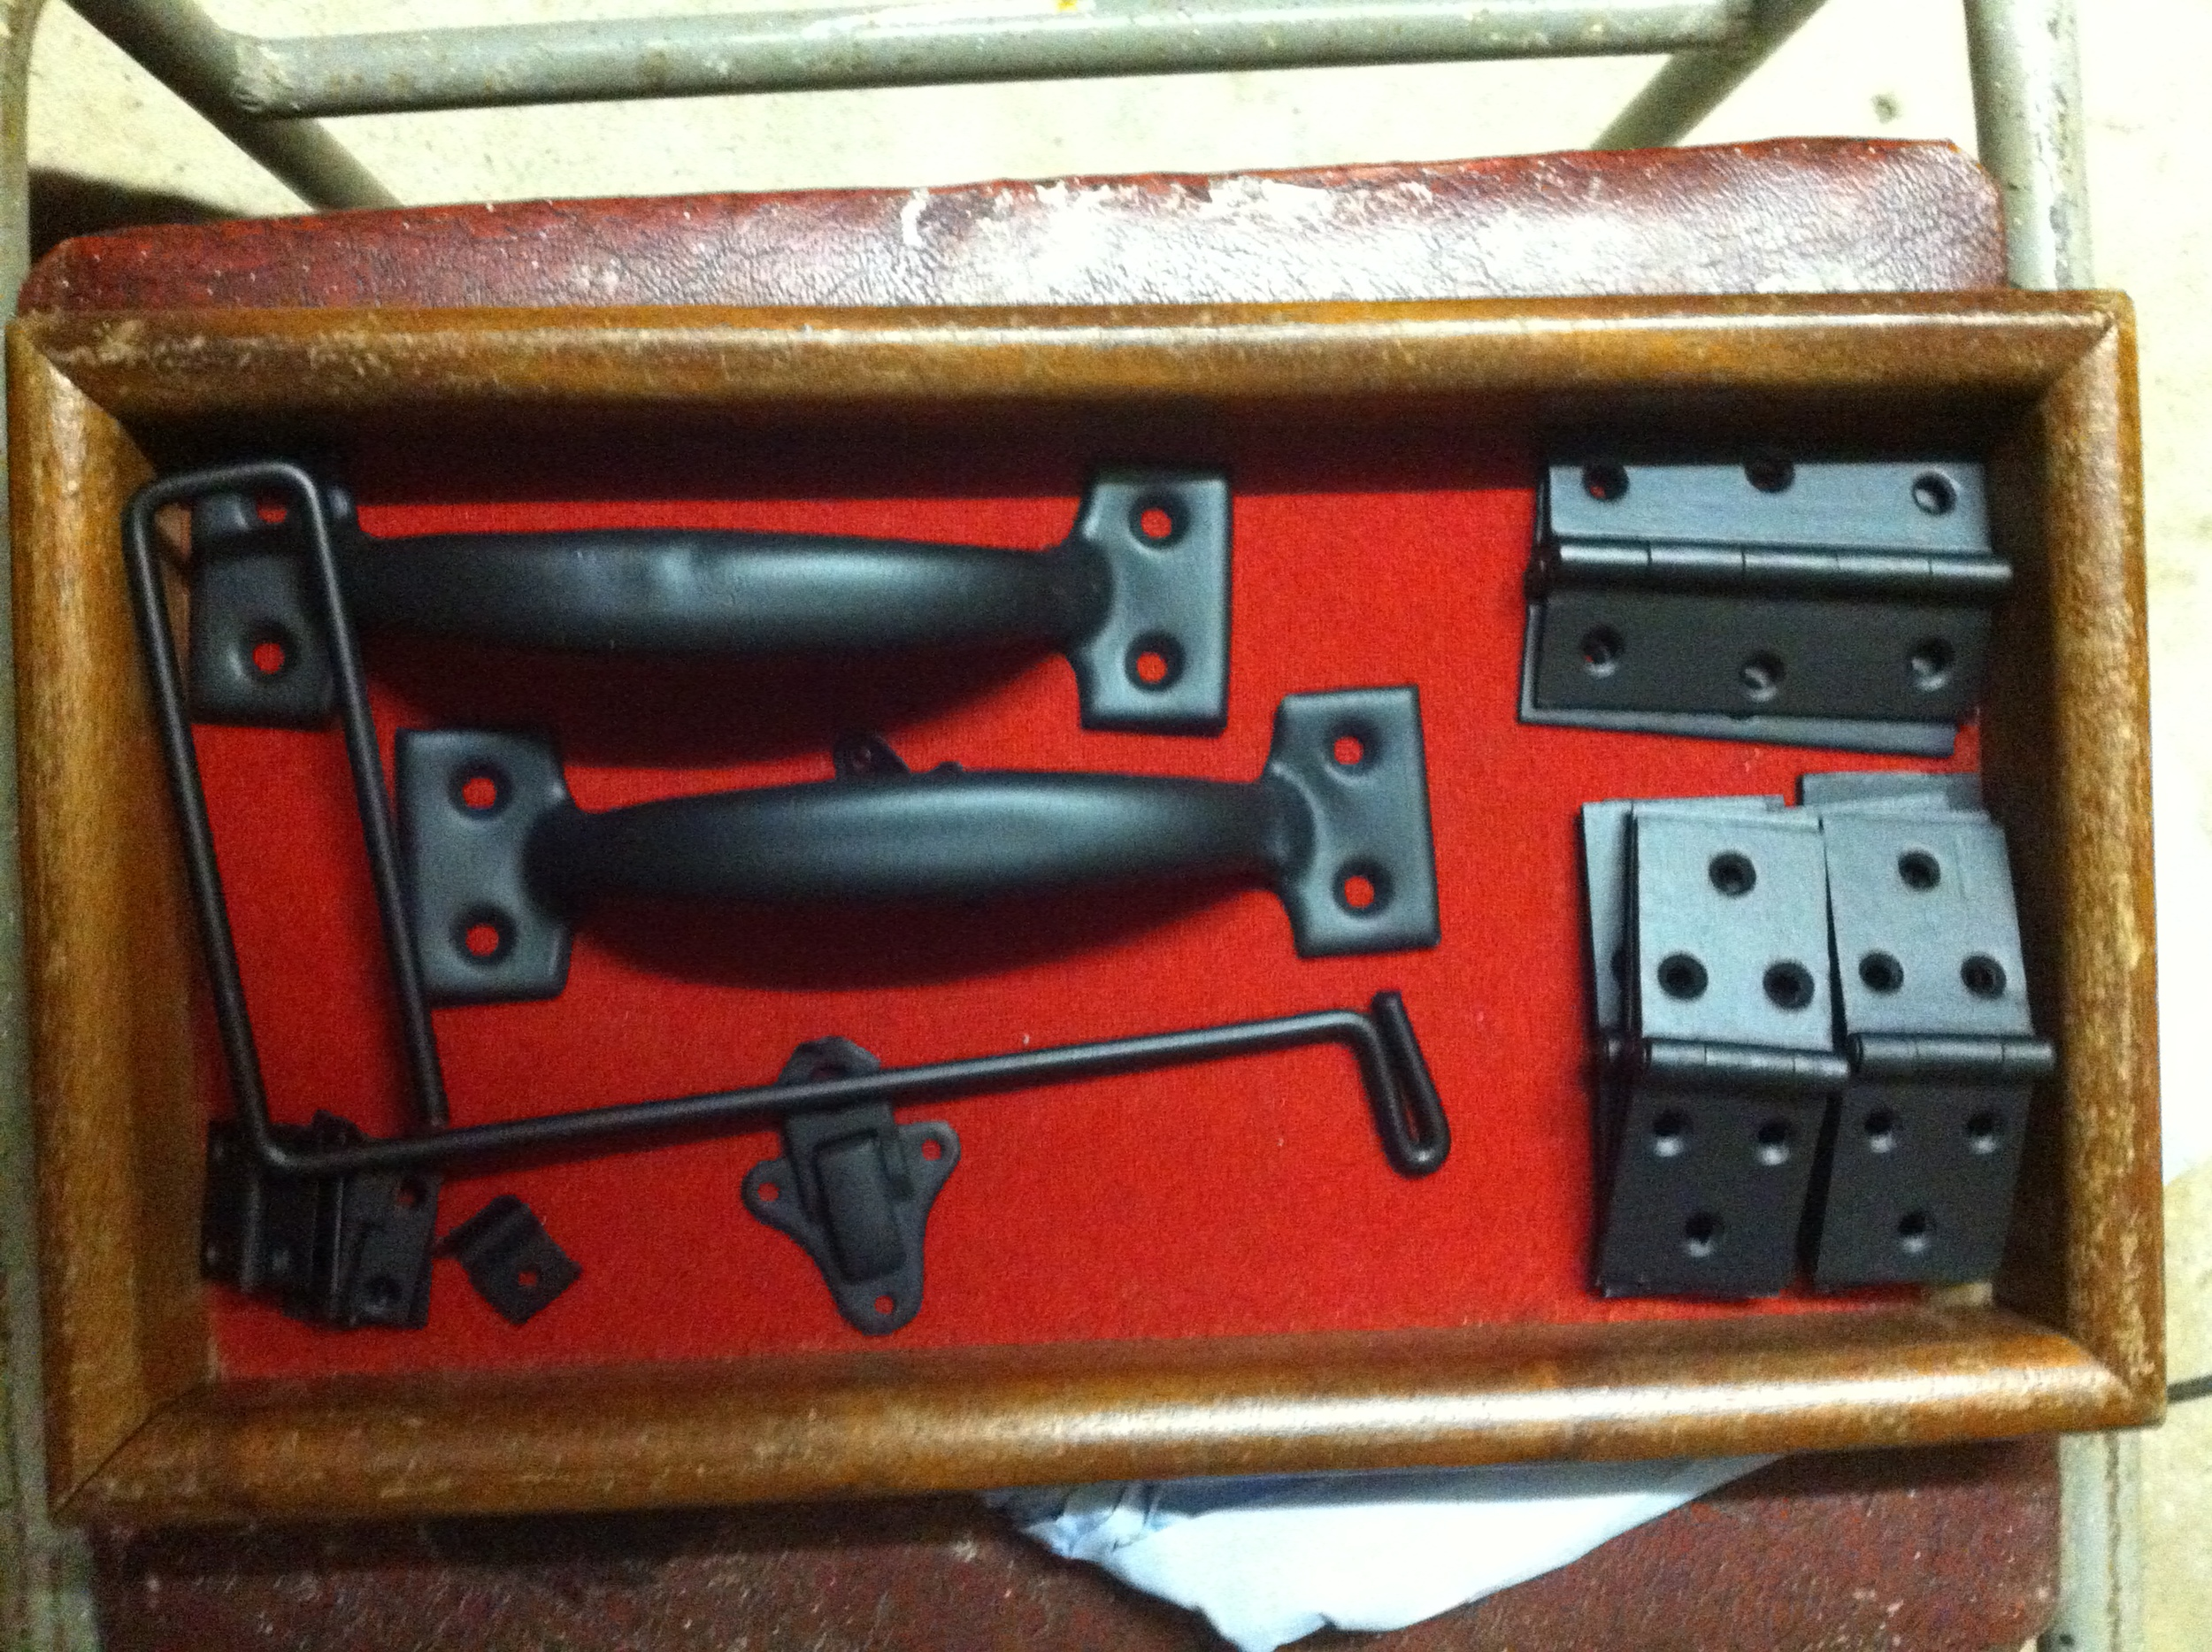 Metal work sporting new black paint